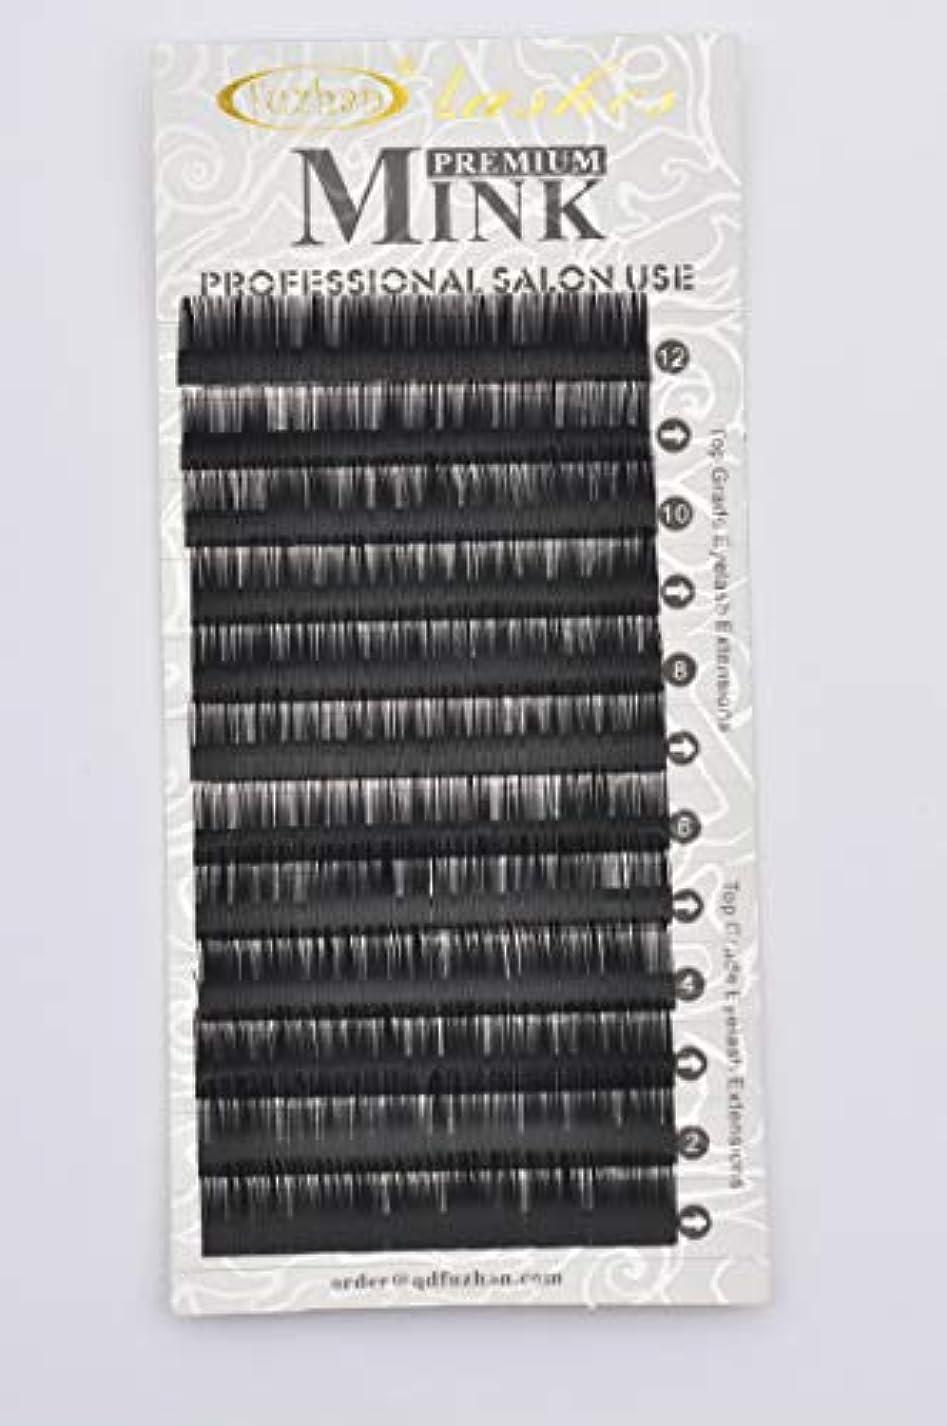 強大な教科書直感まつげエクステ 太さ0.25mm(カール長さ指定) 高級ミンクまつげ 12列シートタイプ ケース入り (0.25 12mm C)